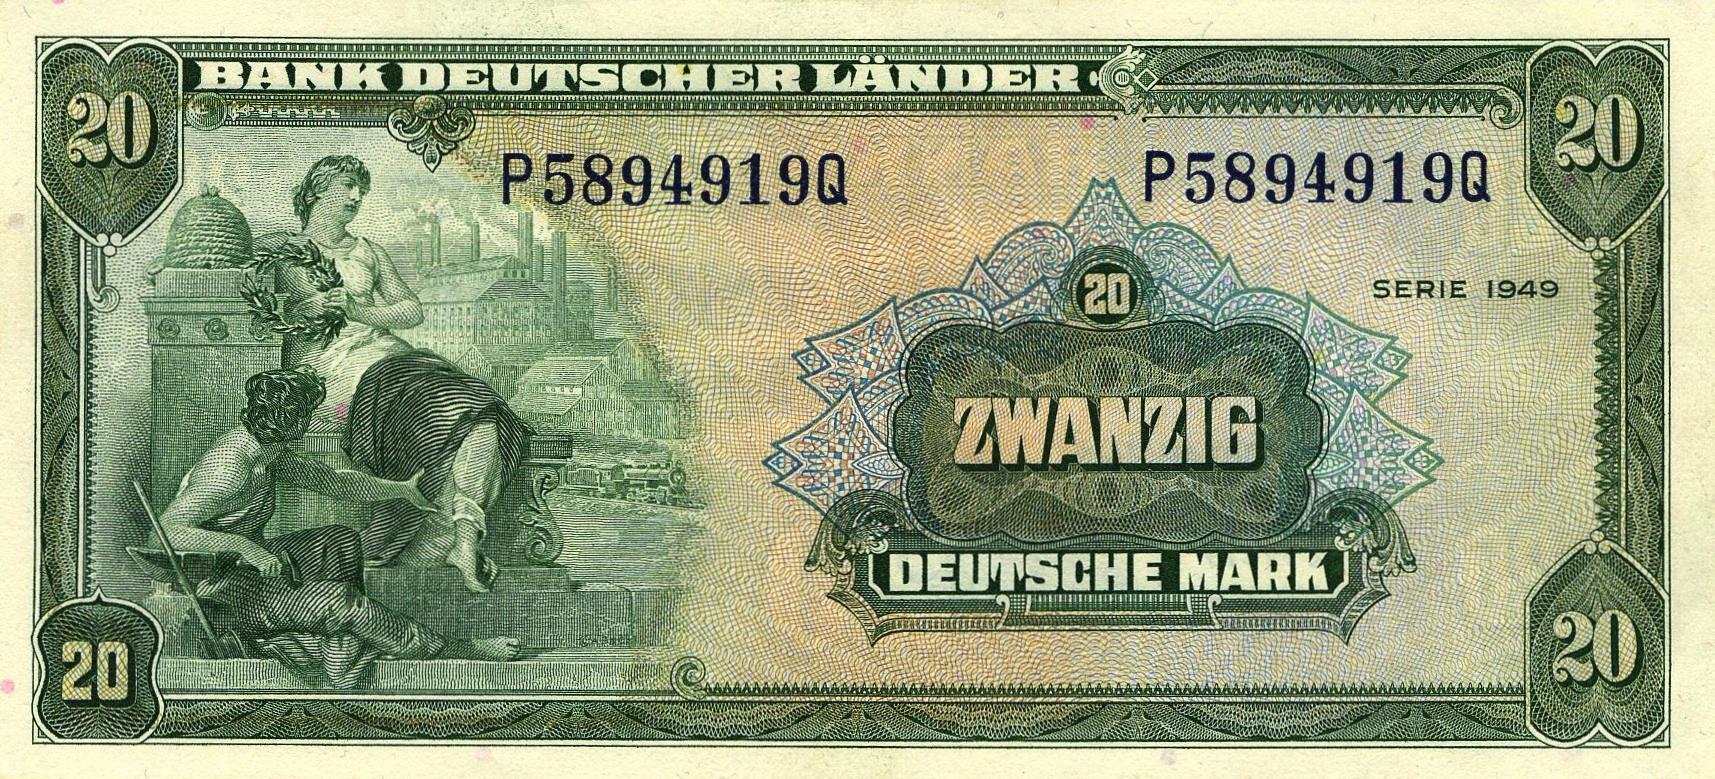 20 Deutsche Marks banknote - Bank Deutcher Länder 1949